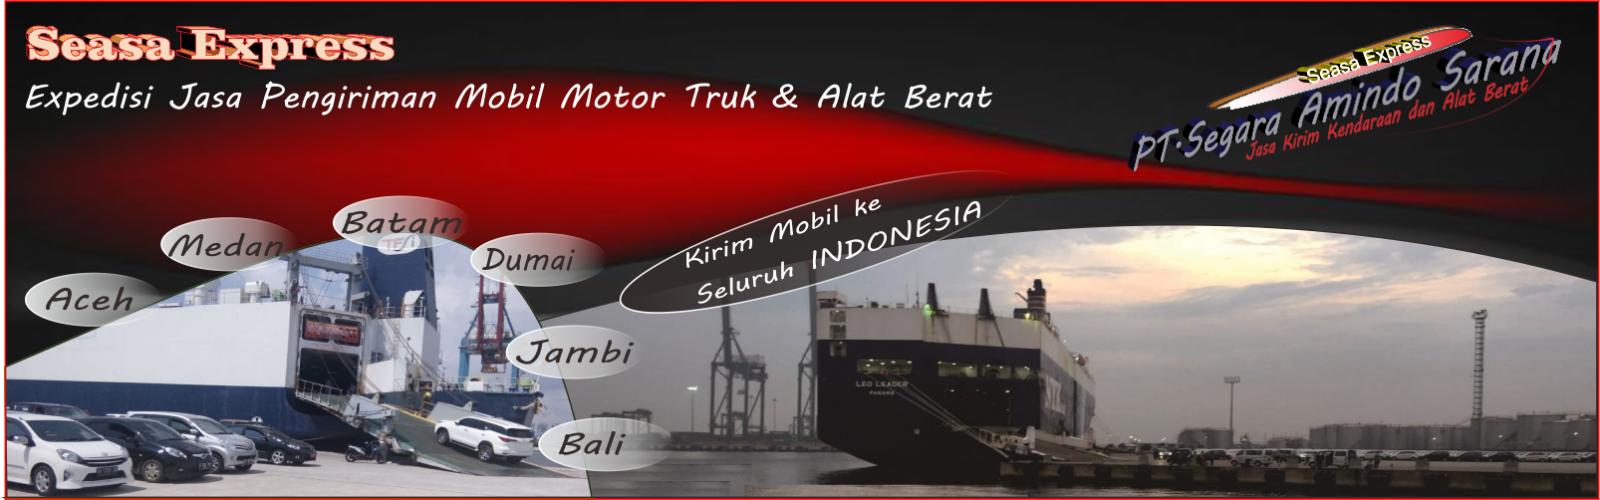 Kirim Mobil via Kapal Laut RoRo aman terpercaya